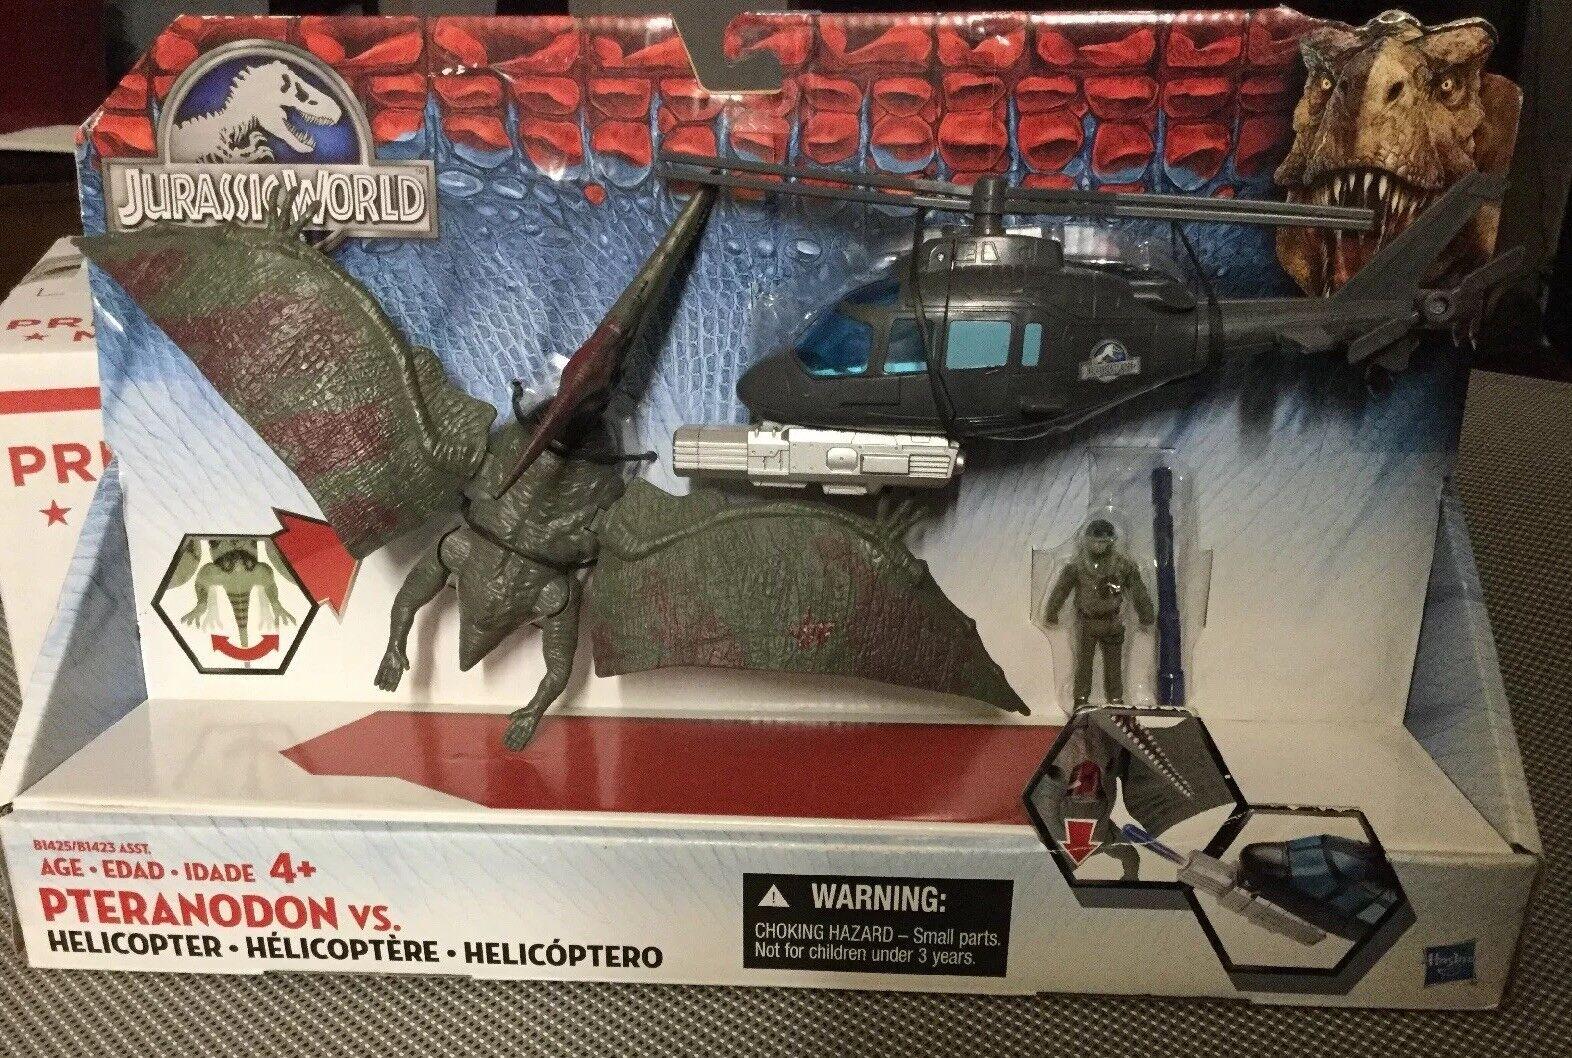 welt pteranodon vs hubschrauber spielzeug hasbro dinosaurier im jurassic park